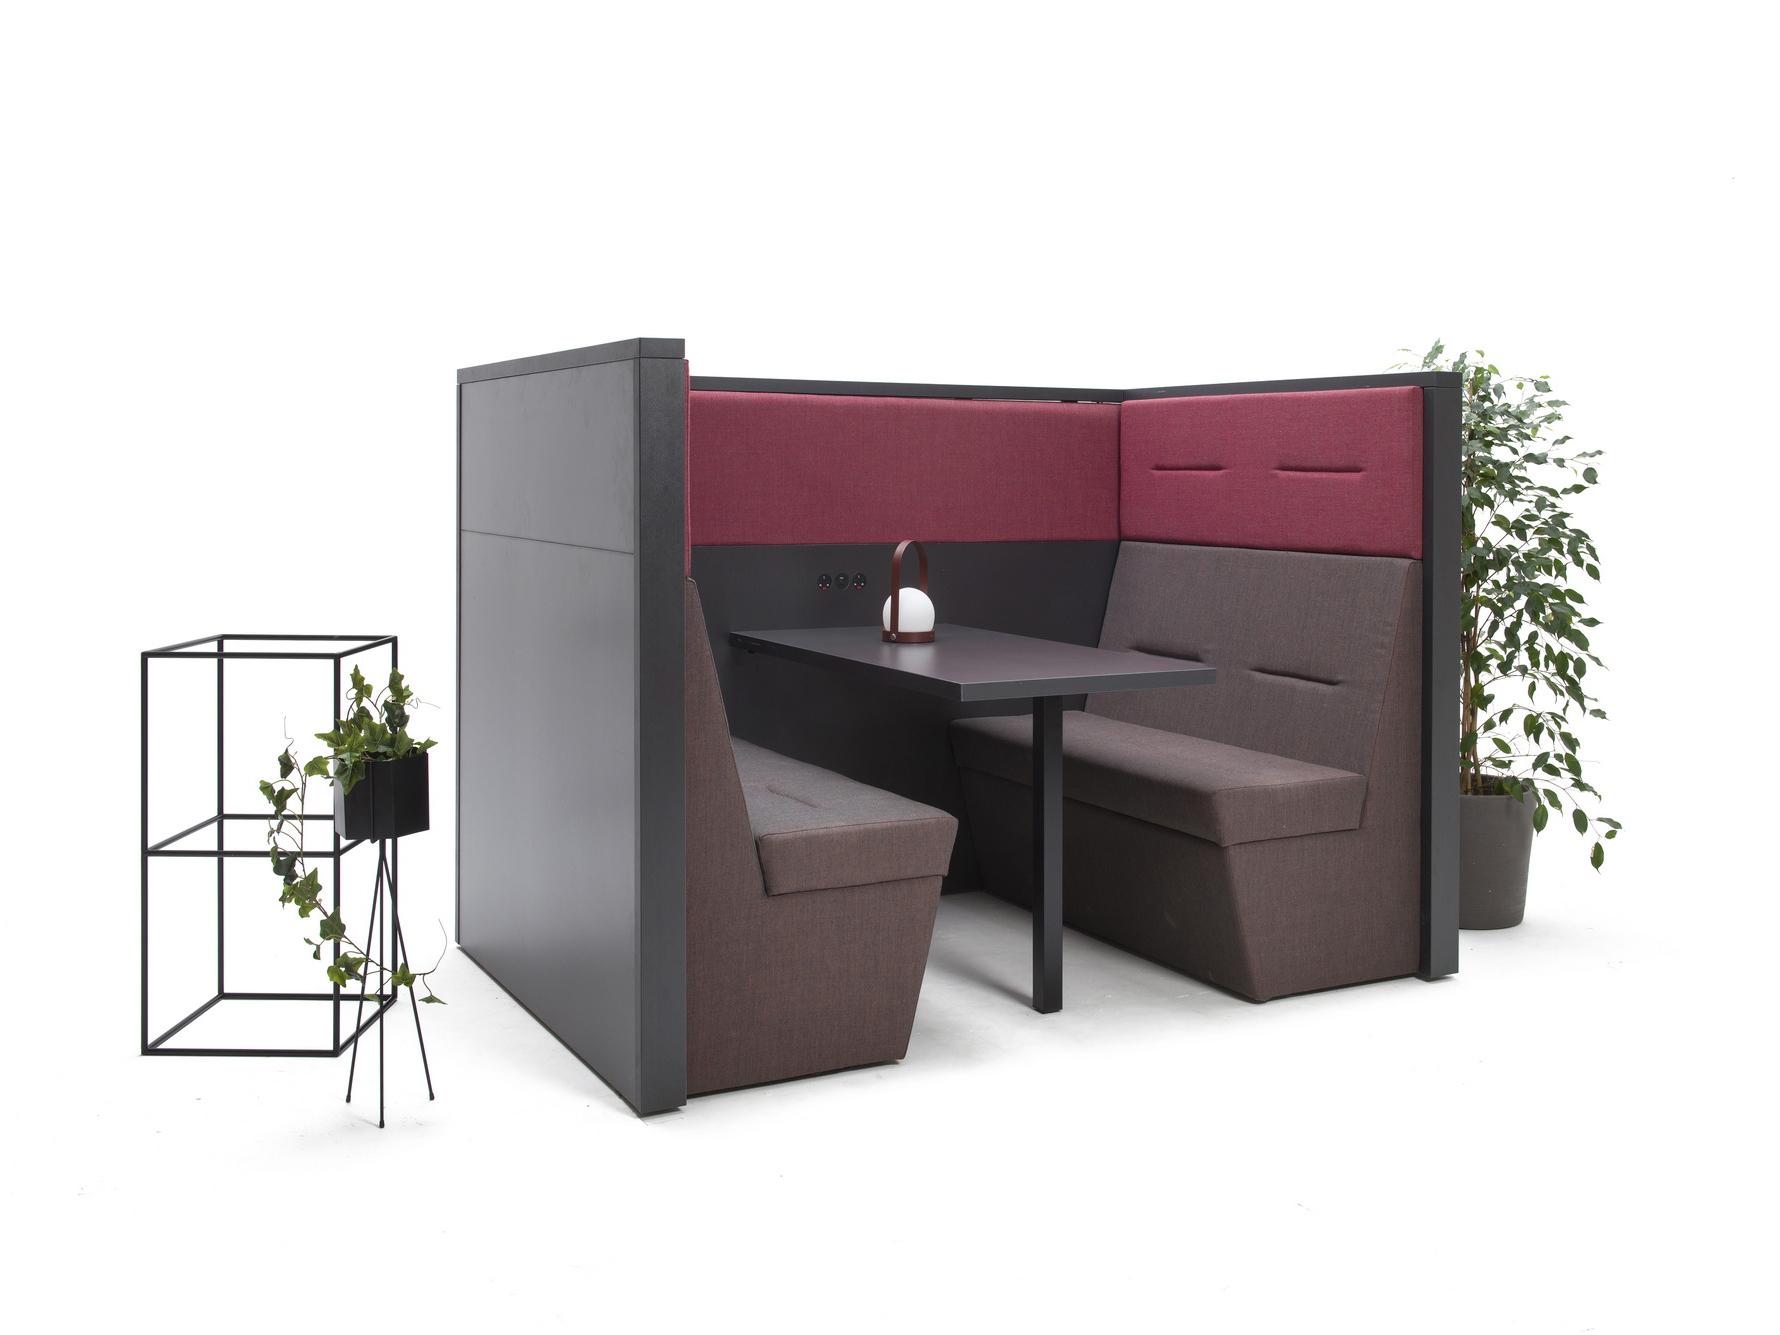 Giới thiệu sản phẩm nội thất linh hoạt của hãng Spasestor